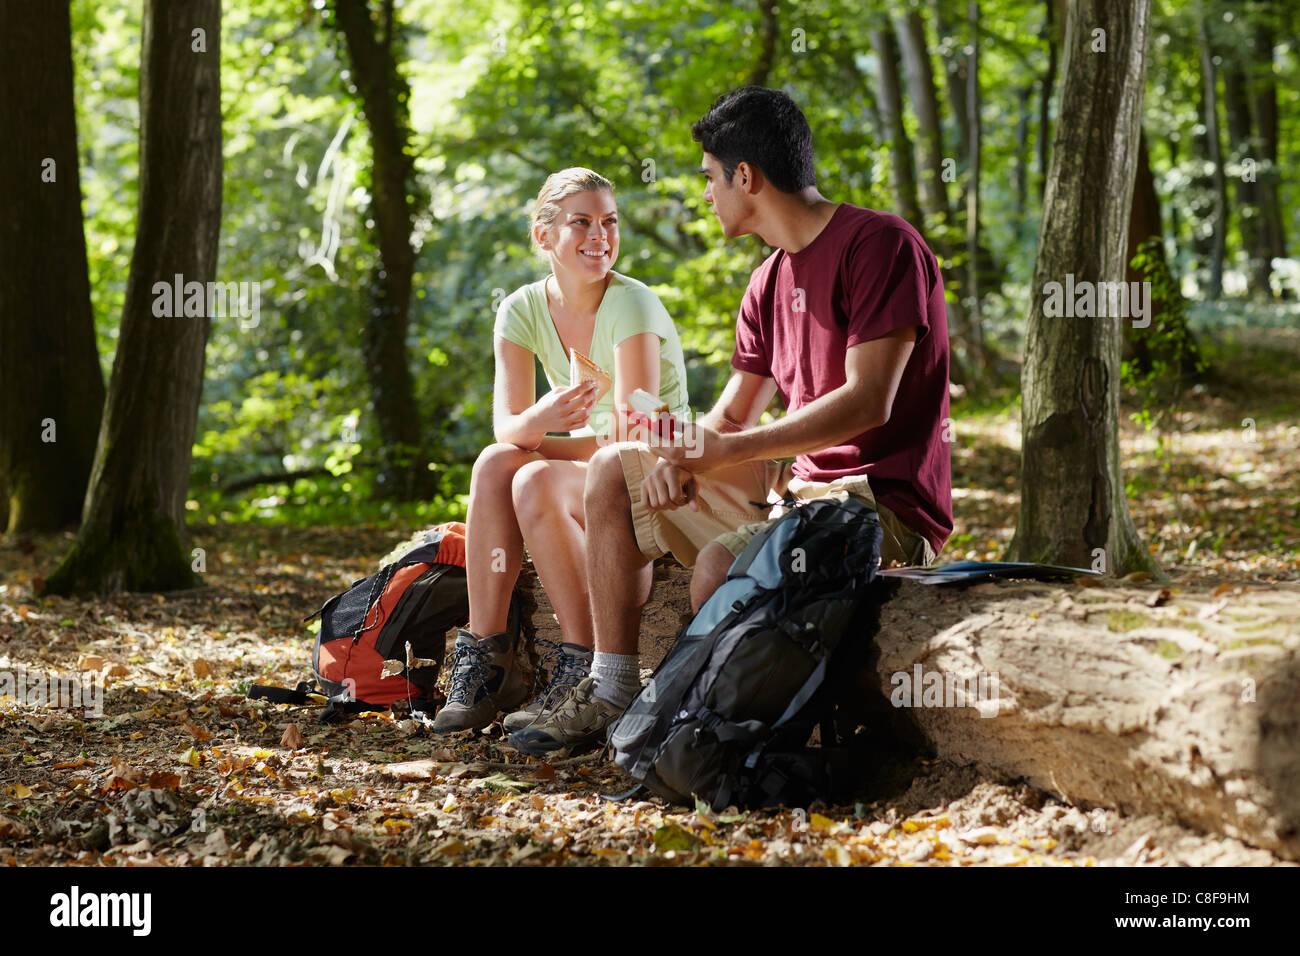 junger Mann und Frau zu Mittag mit Sandwich während Wandern Ausflug. Horizontale Form, in voller Länge Stockbild